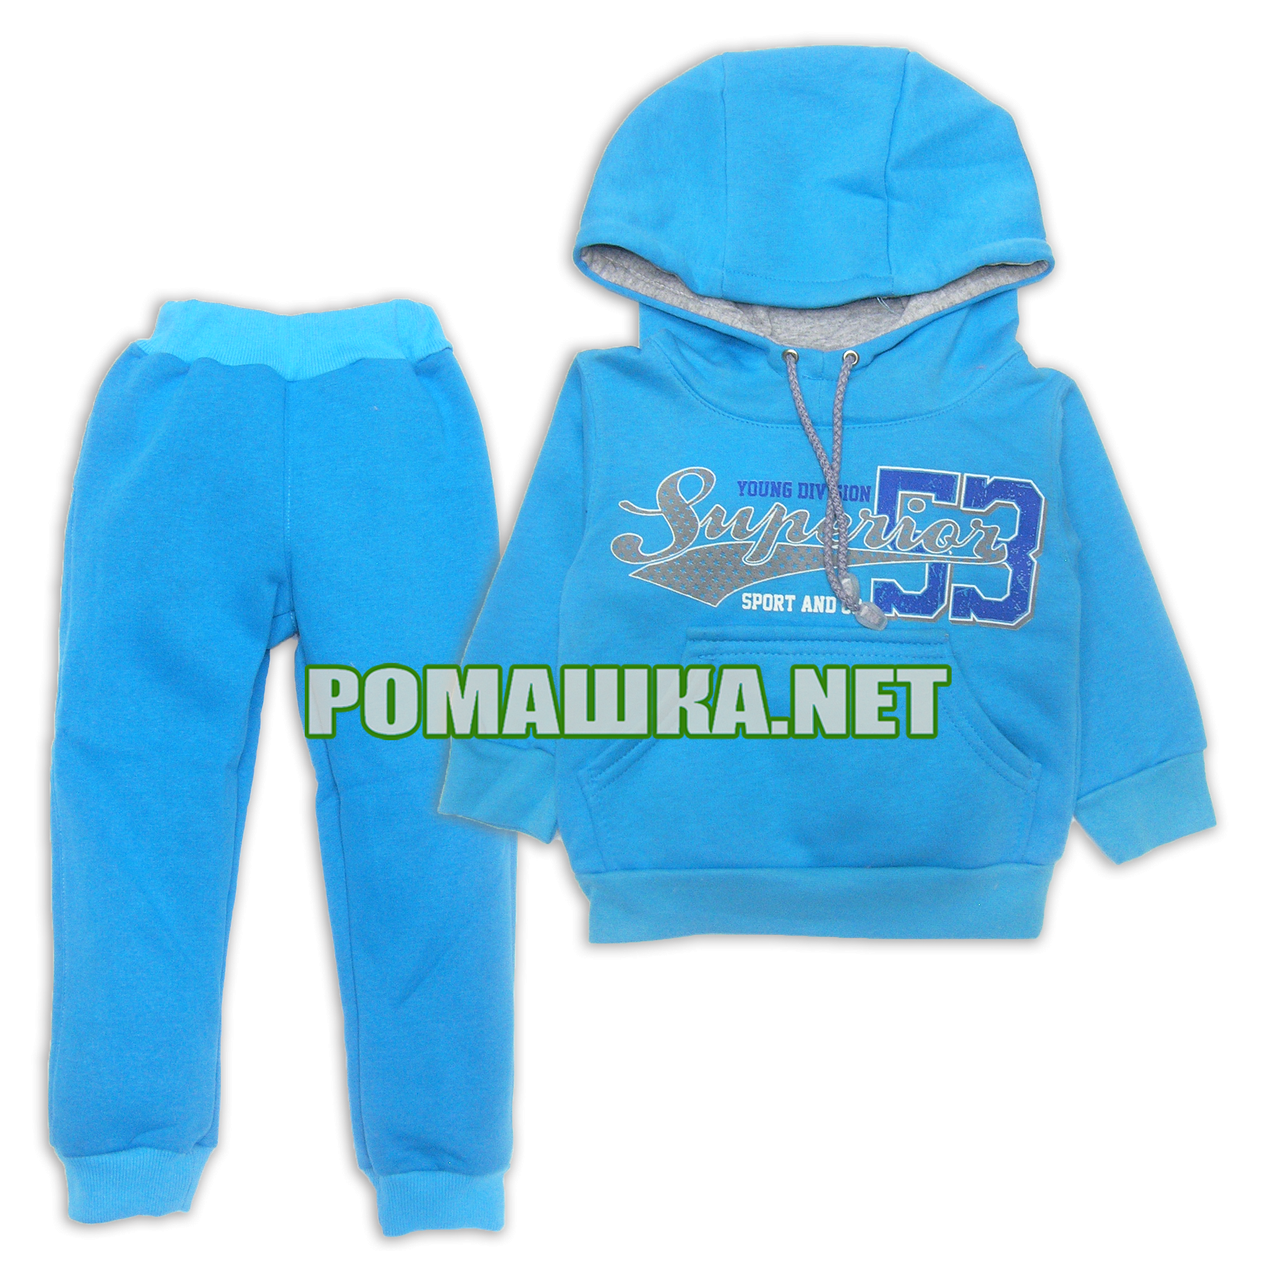 Дитячий спортивний костюм для хлопчика р. 80-86 з товстим начосом тканина ФУТЕР ТРЕХНИТКА 3534 Бірюзовий 80